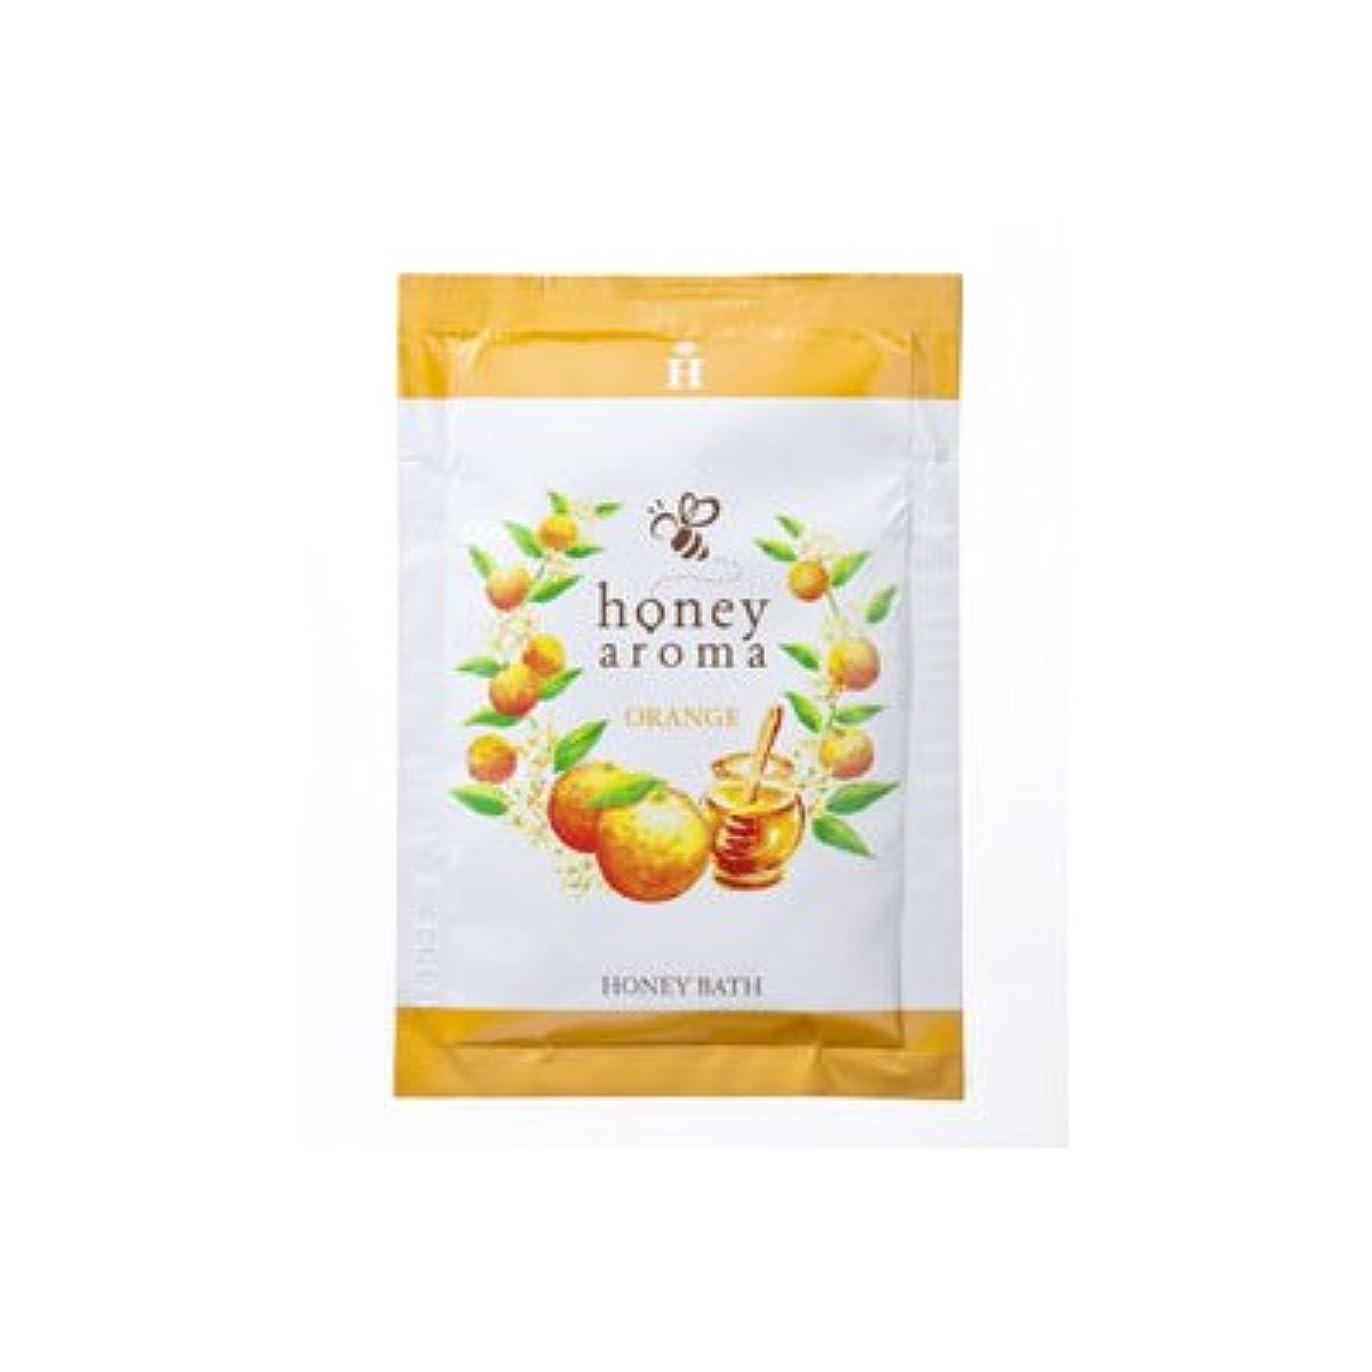 船員涙が出る賛美歌ハニーアロマ ハニーバス(入浴剤) 5包(オレンジの香り)